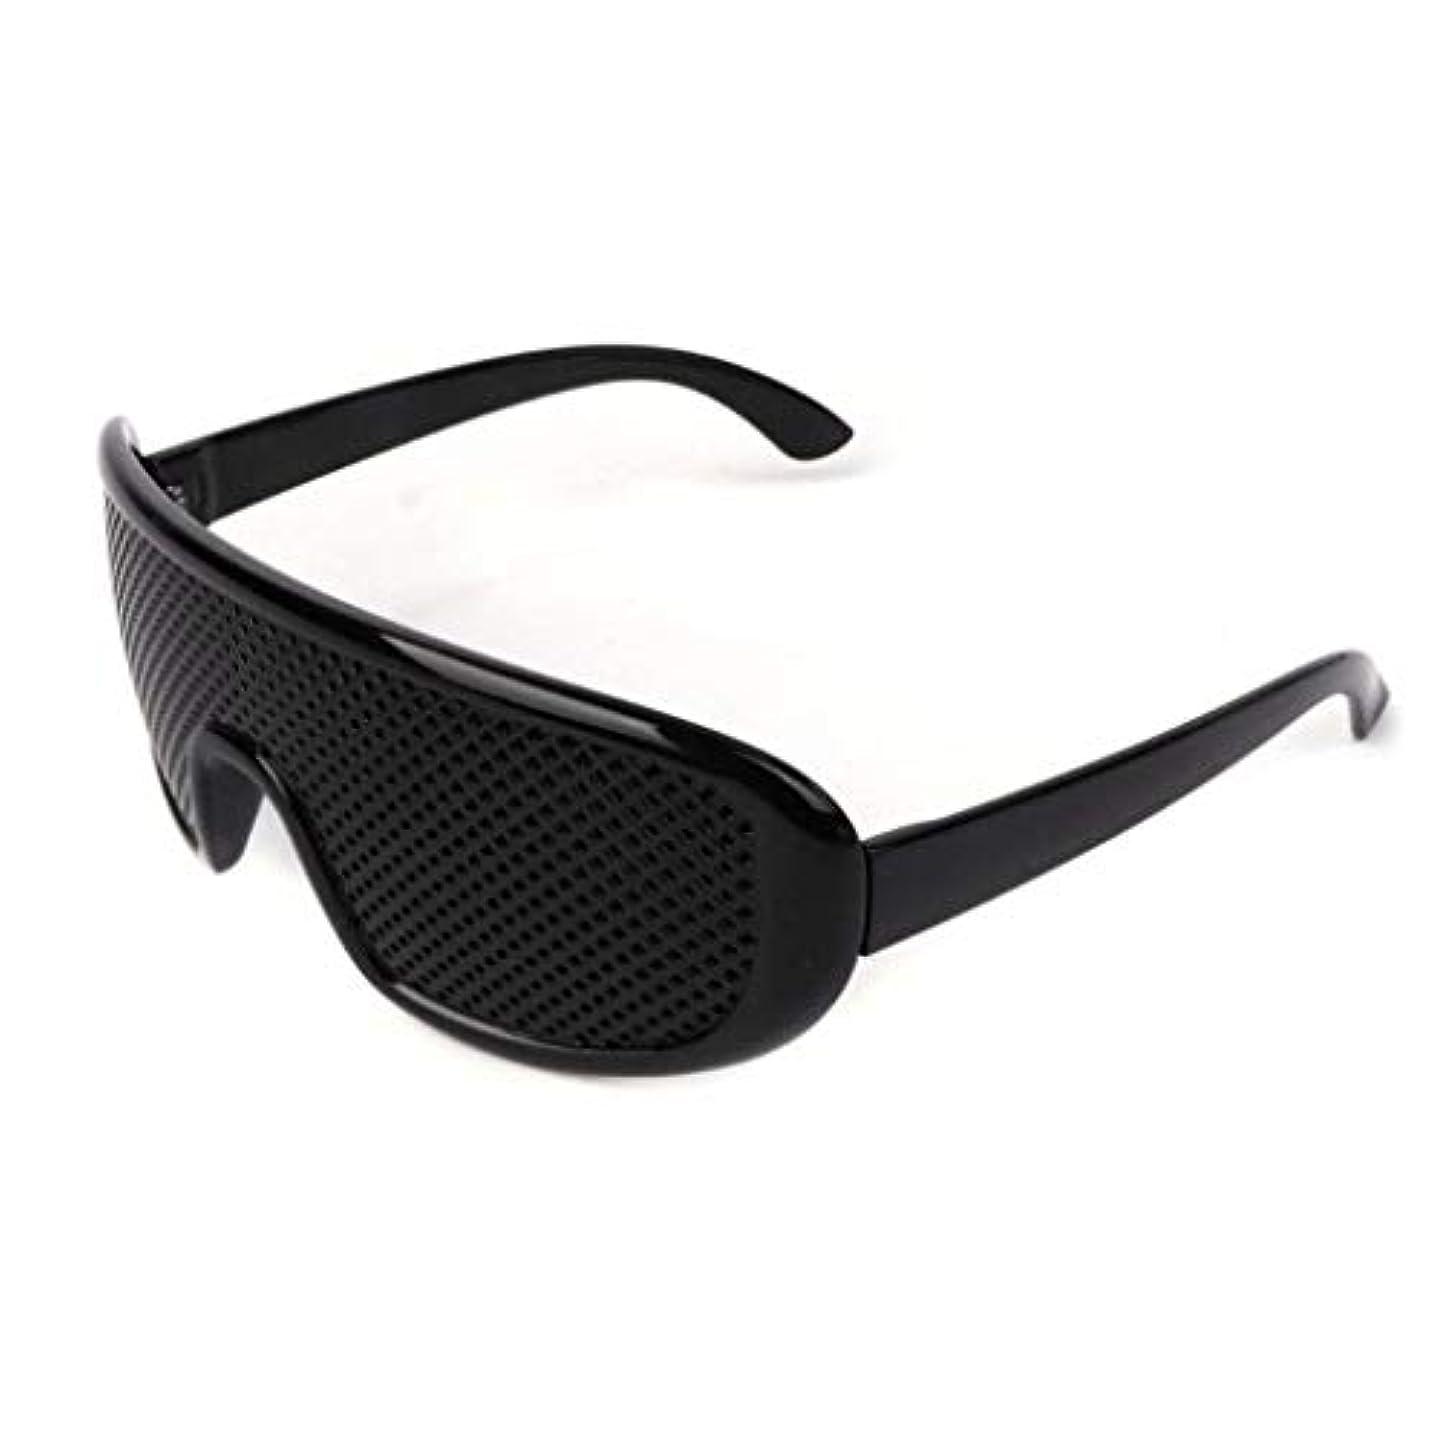 症候群一月行うピンホールメガネ、視力矯正メガネ網状視力保護メガネ耐疲労性メガネ近視の防止メガネの改善